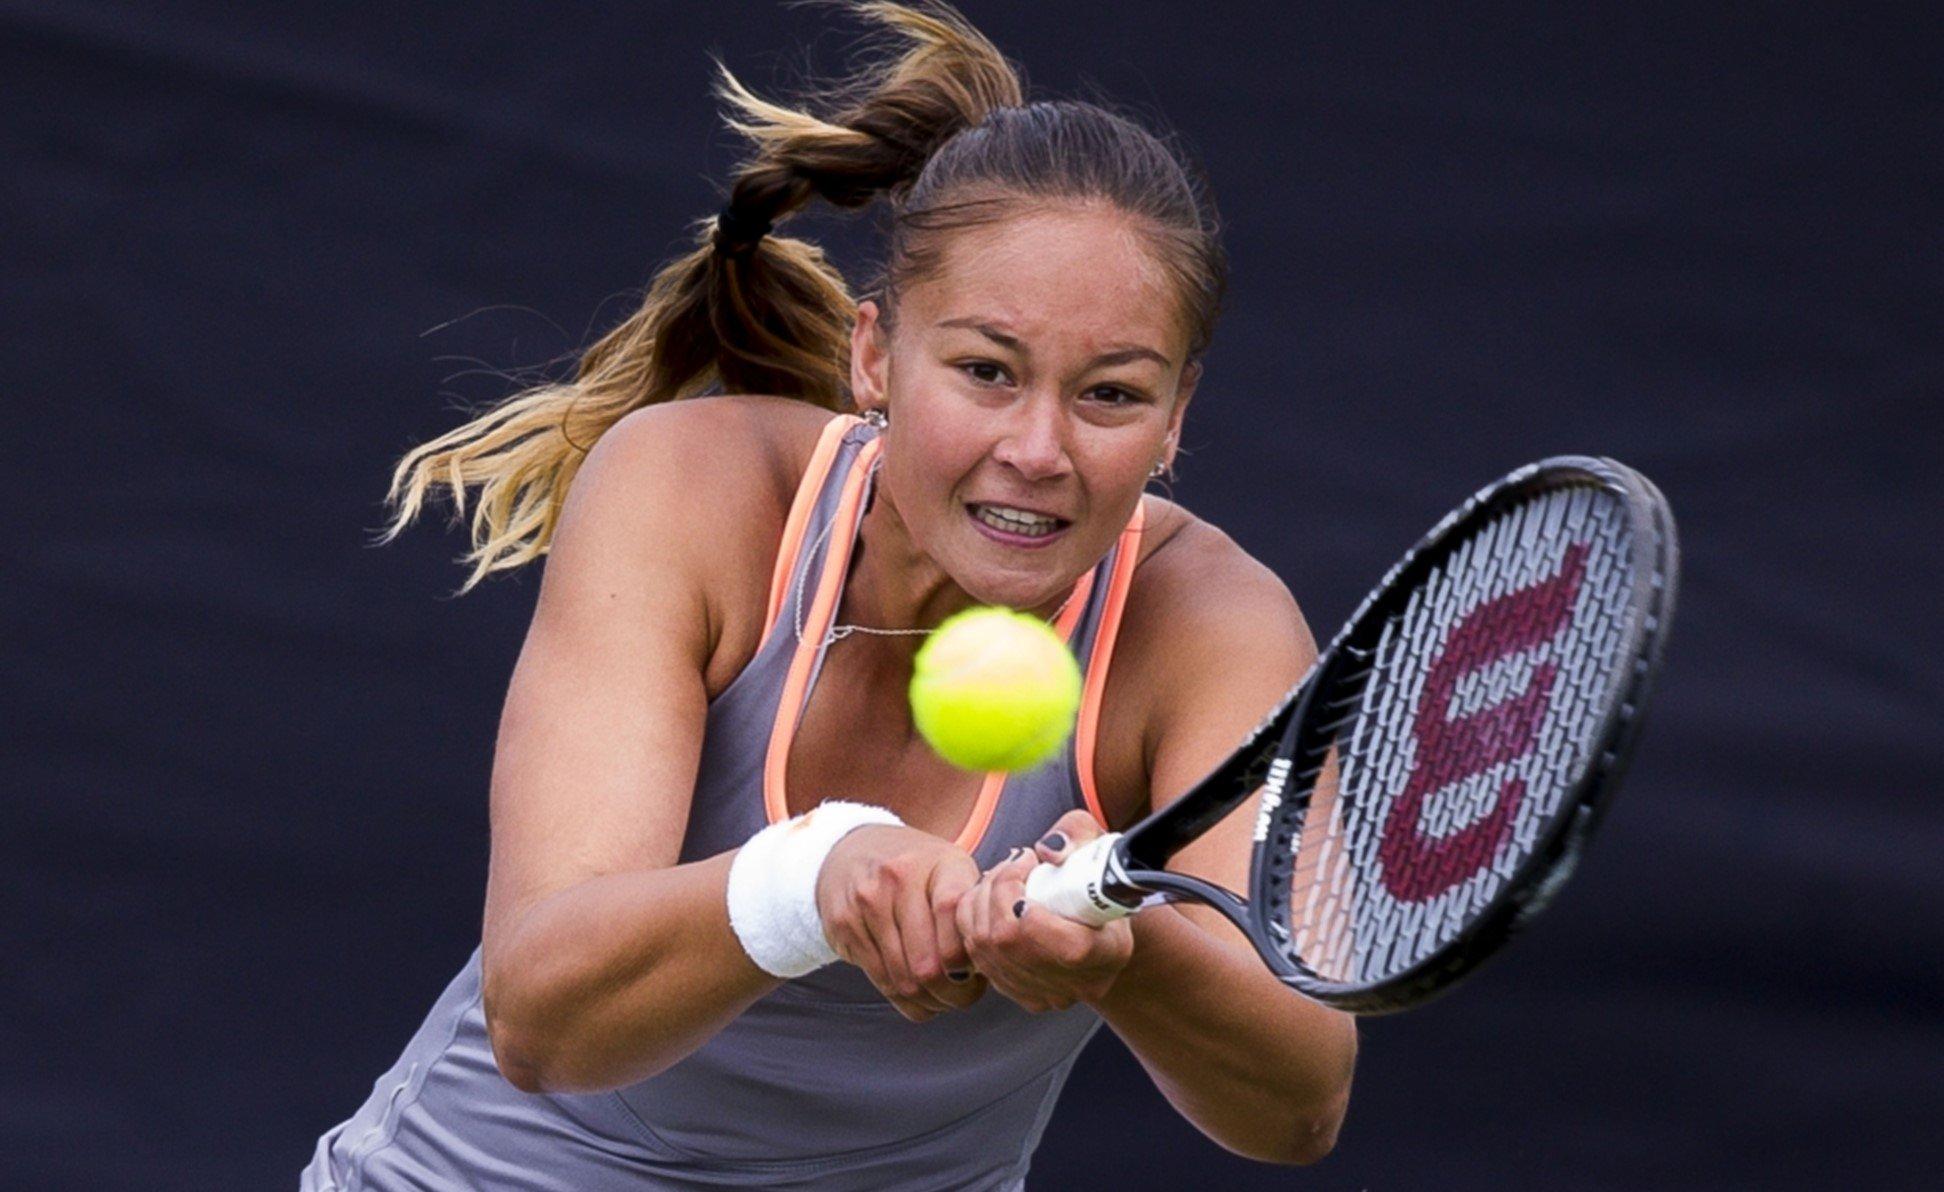 Ставки на матч Павлюченкова – Гарсиа, прогноз на теннис от 19.09.2018